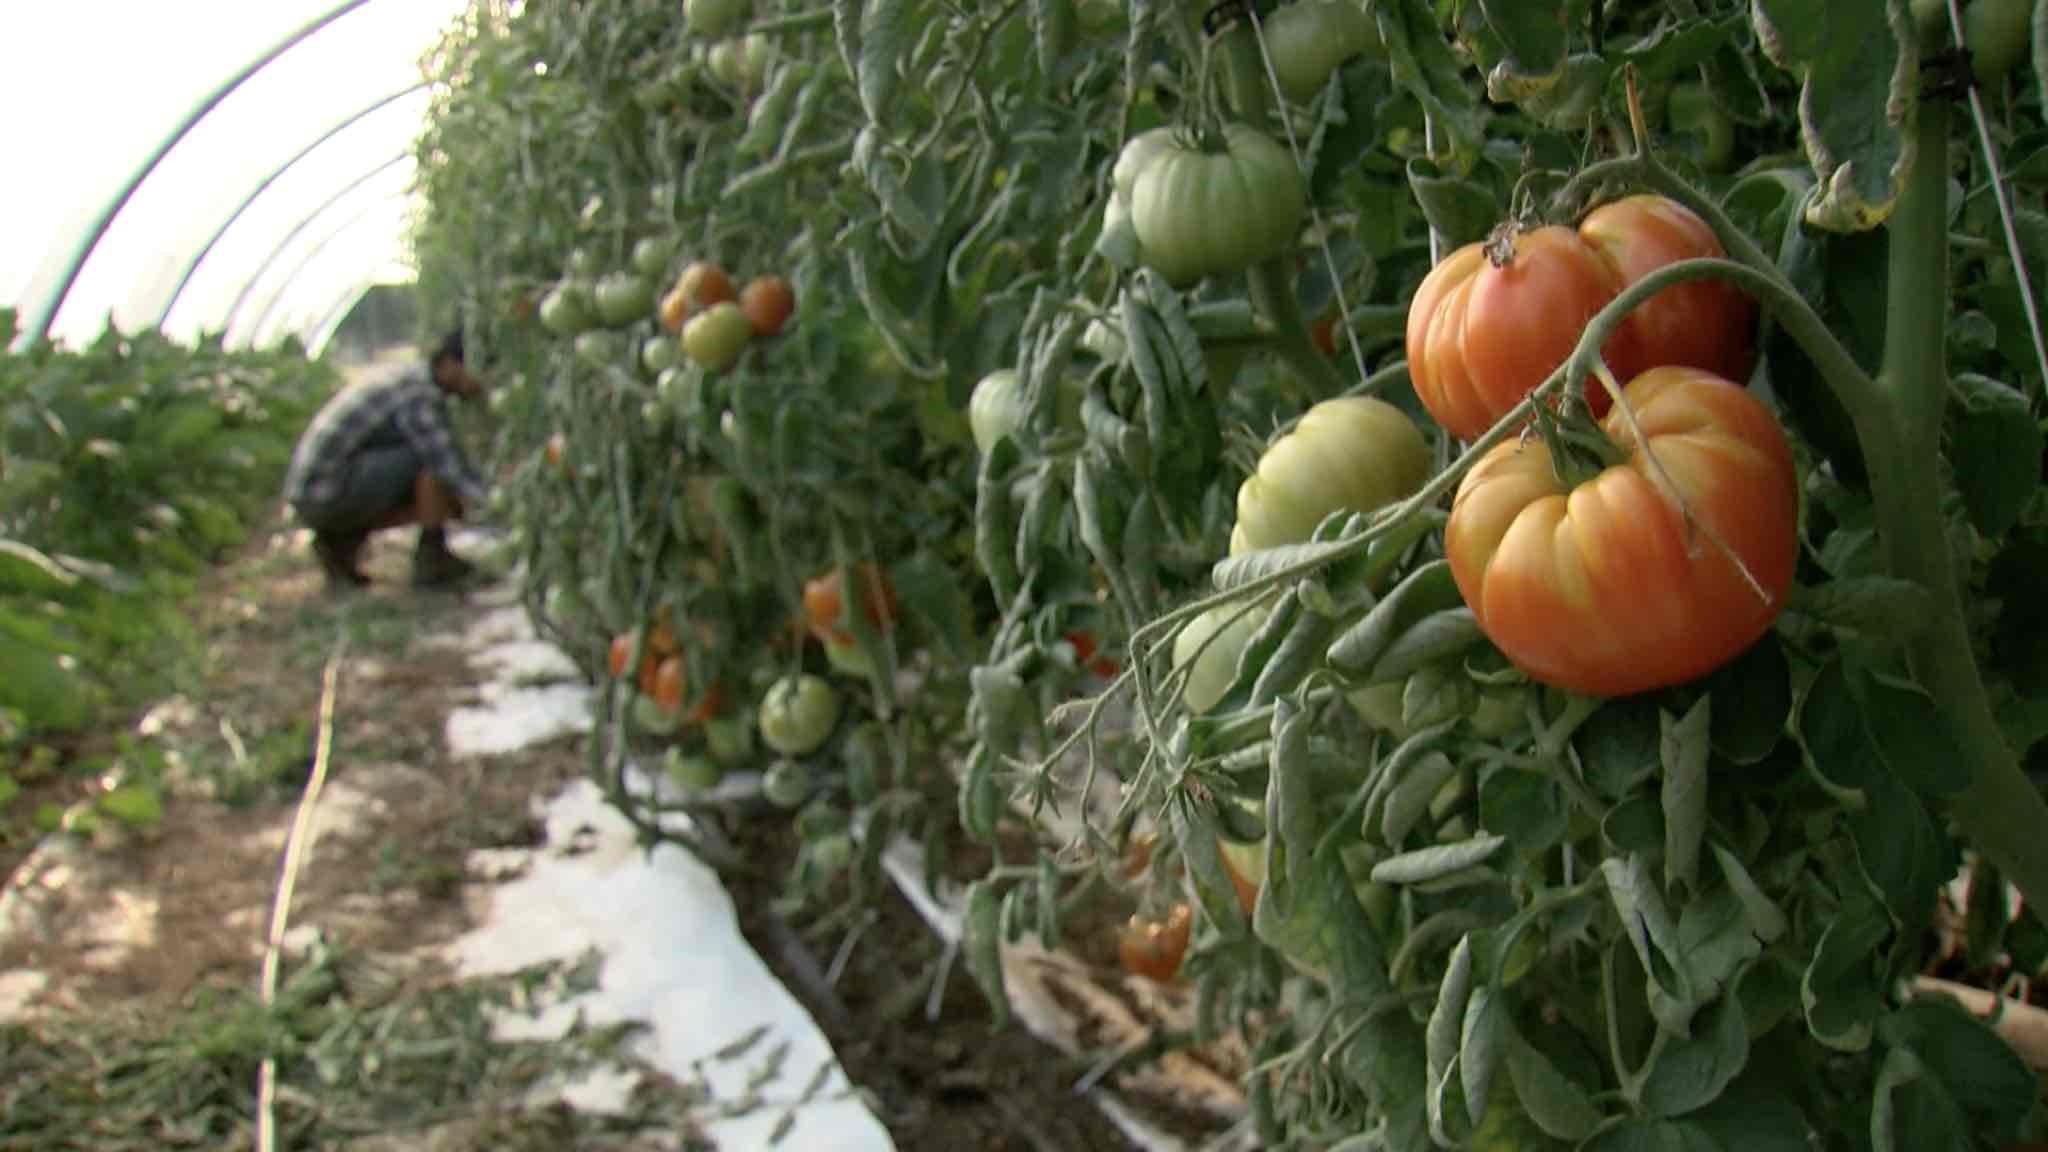 Sécheresse: une grosse dose de travail en plus pour les producteurs de légumes